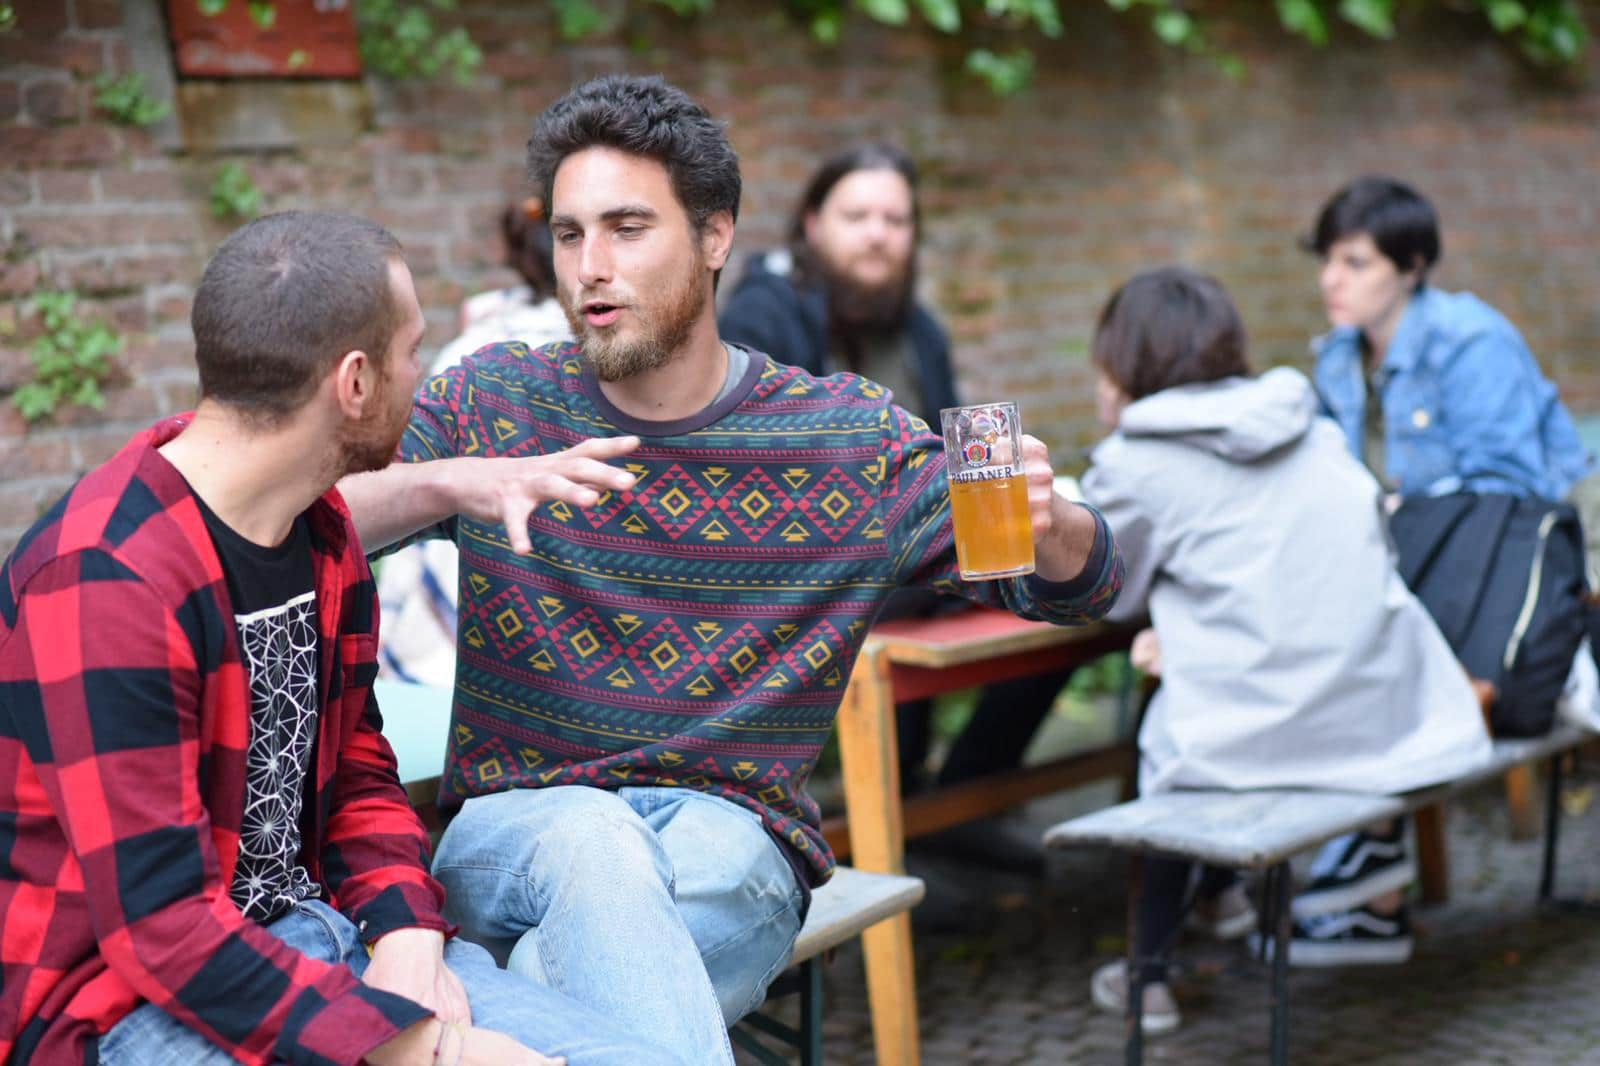 Le immancabili birre nel cortile della Velostazione nell'ambito della rassegna Dynamo Off.